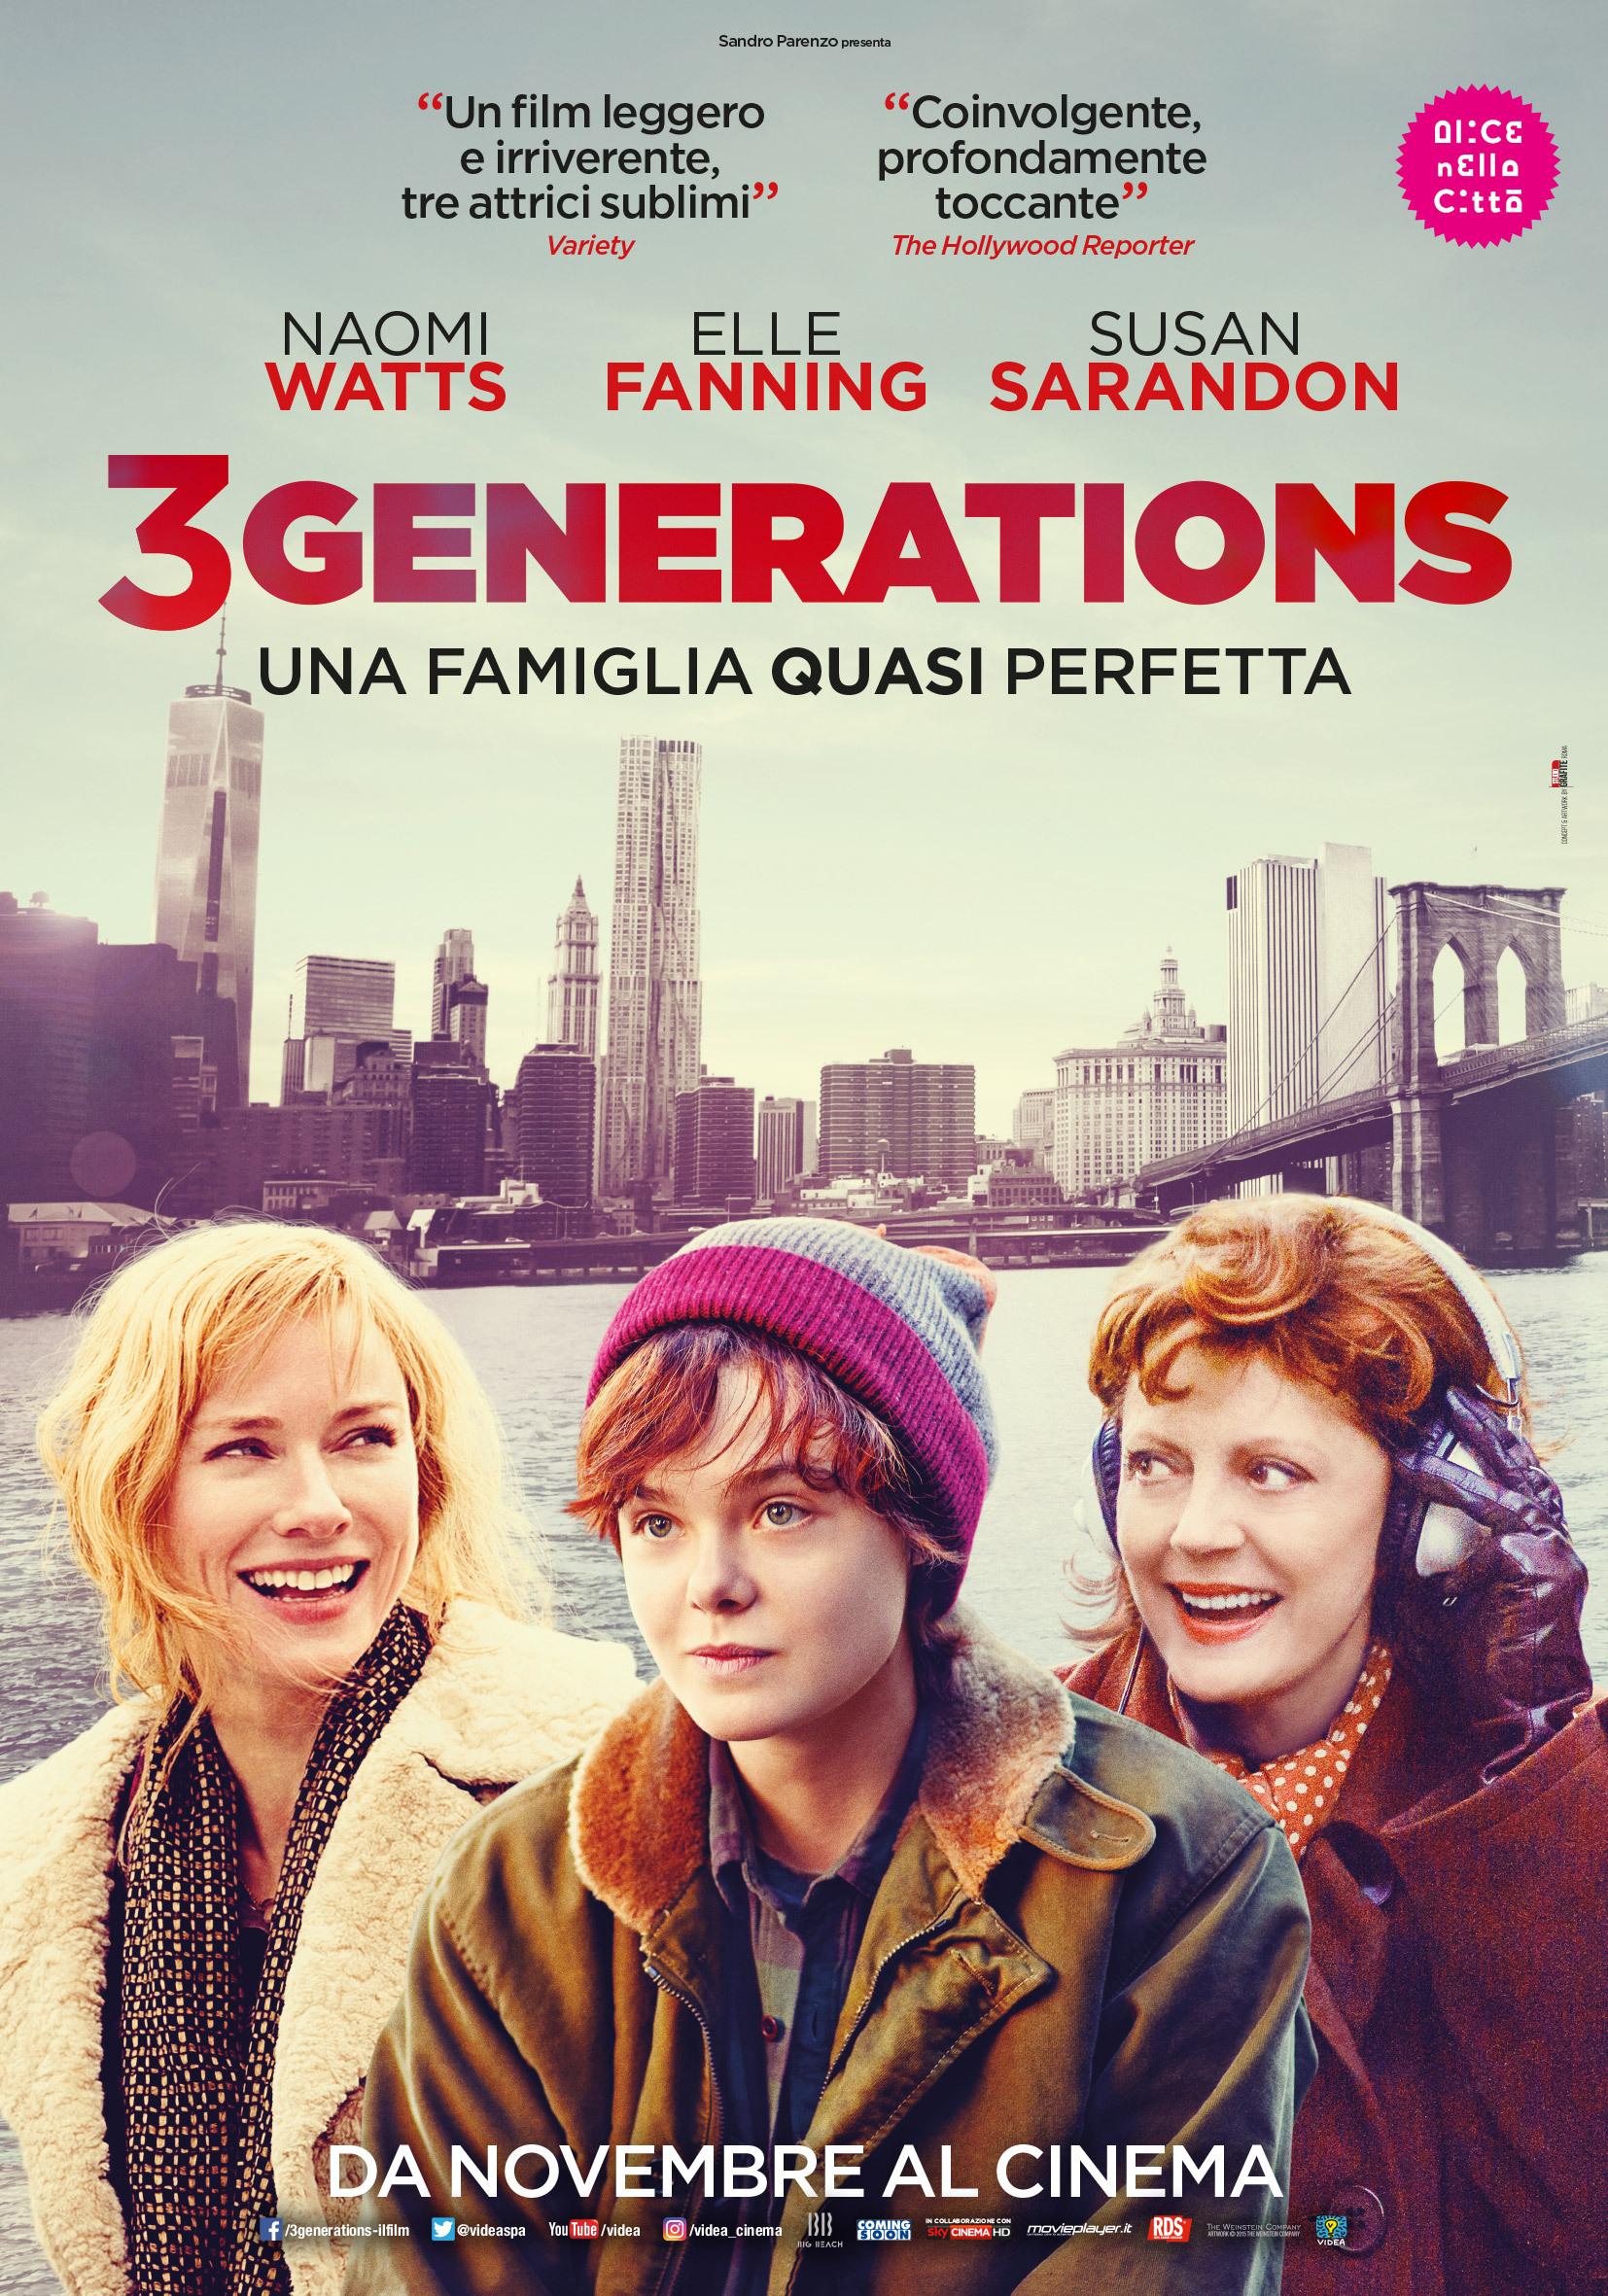 Wall street il denaro non dorme mai amazon it michael douglas - 3 Generations Una Famiglia Quasi Perfetta